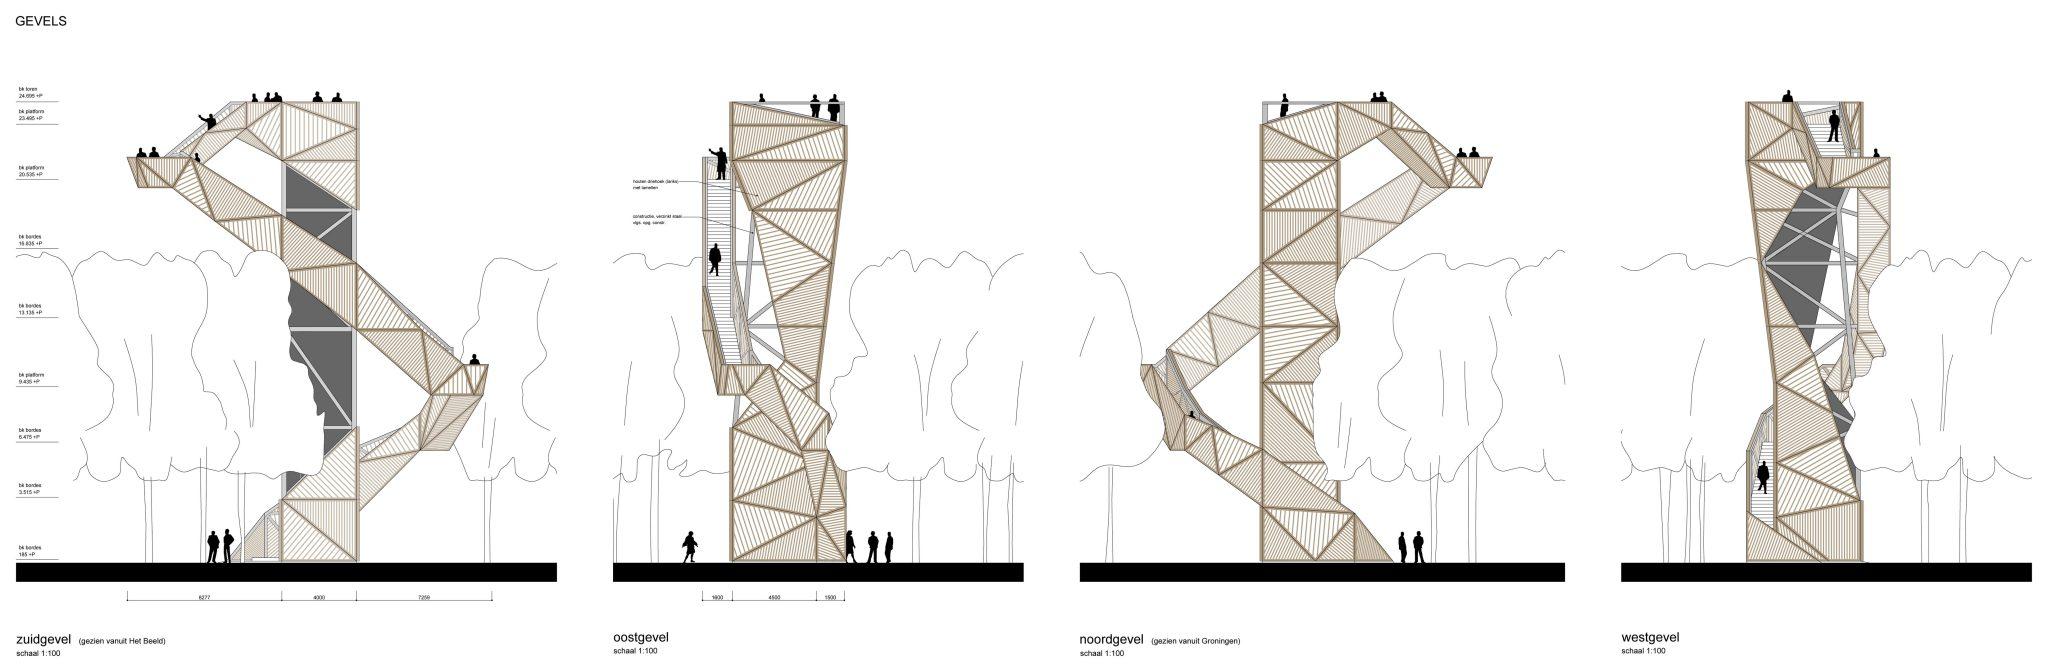 Ateliereen-uitkijktoren-onlanden-gevels